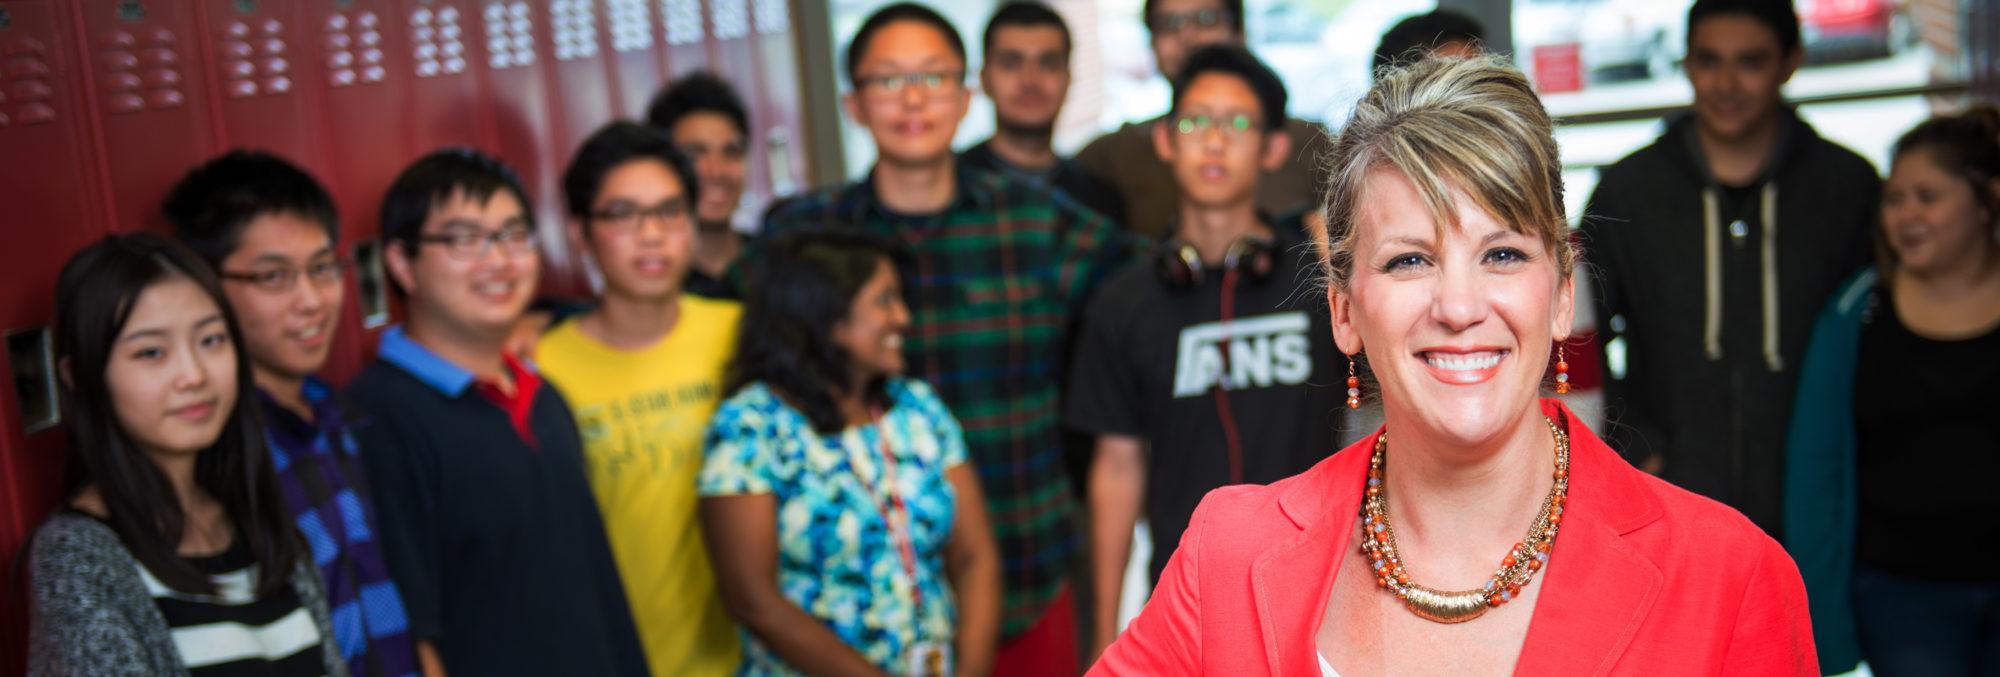 Teacher standing in front of high school students